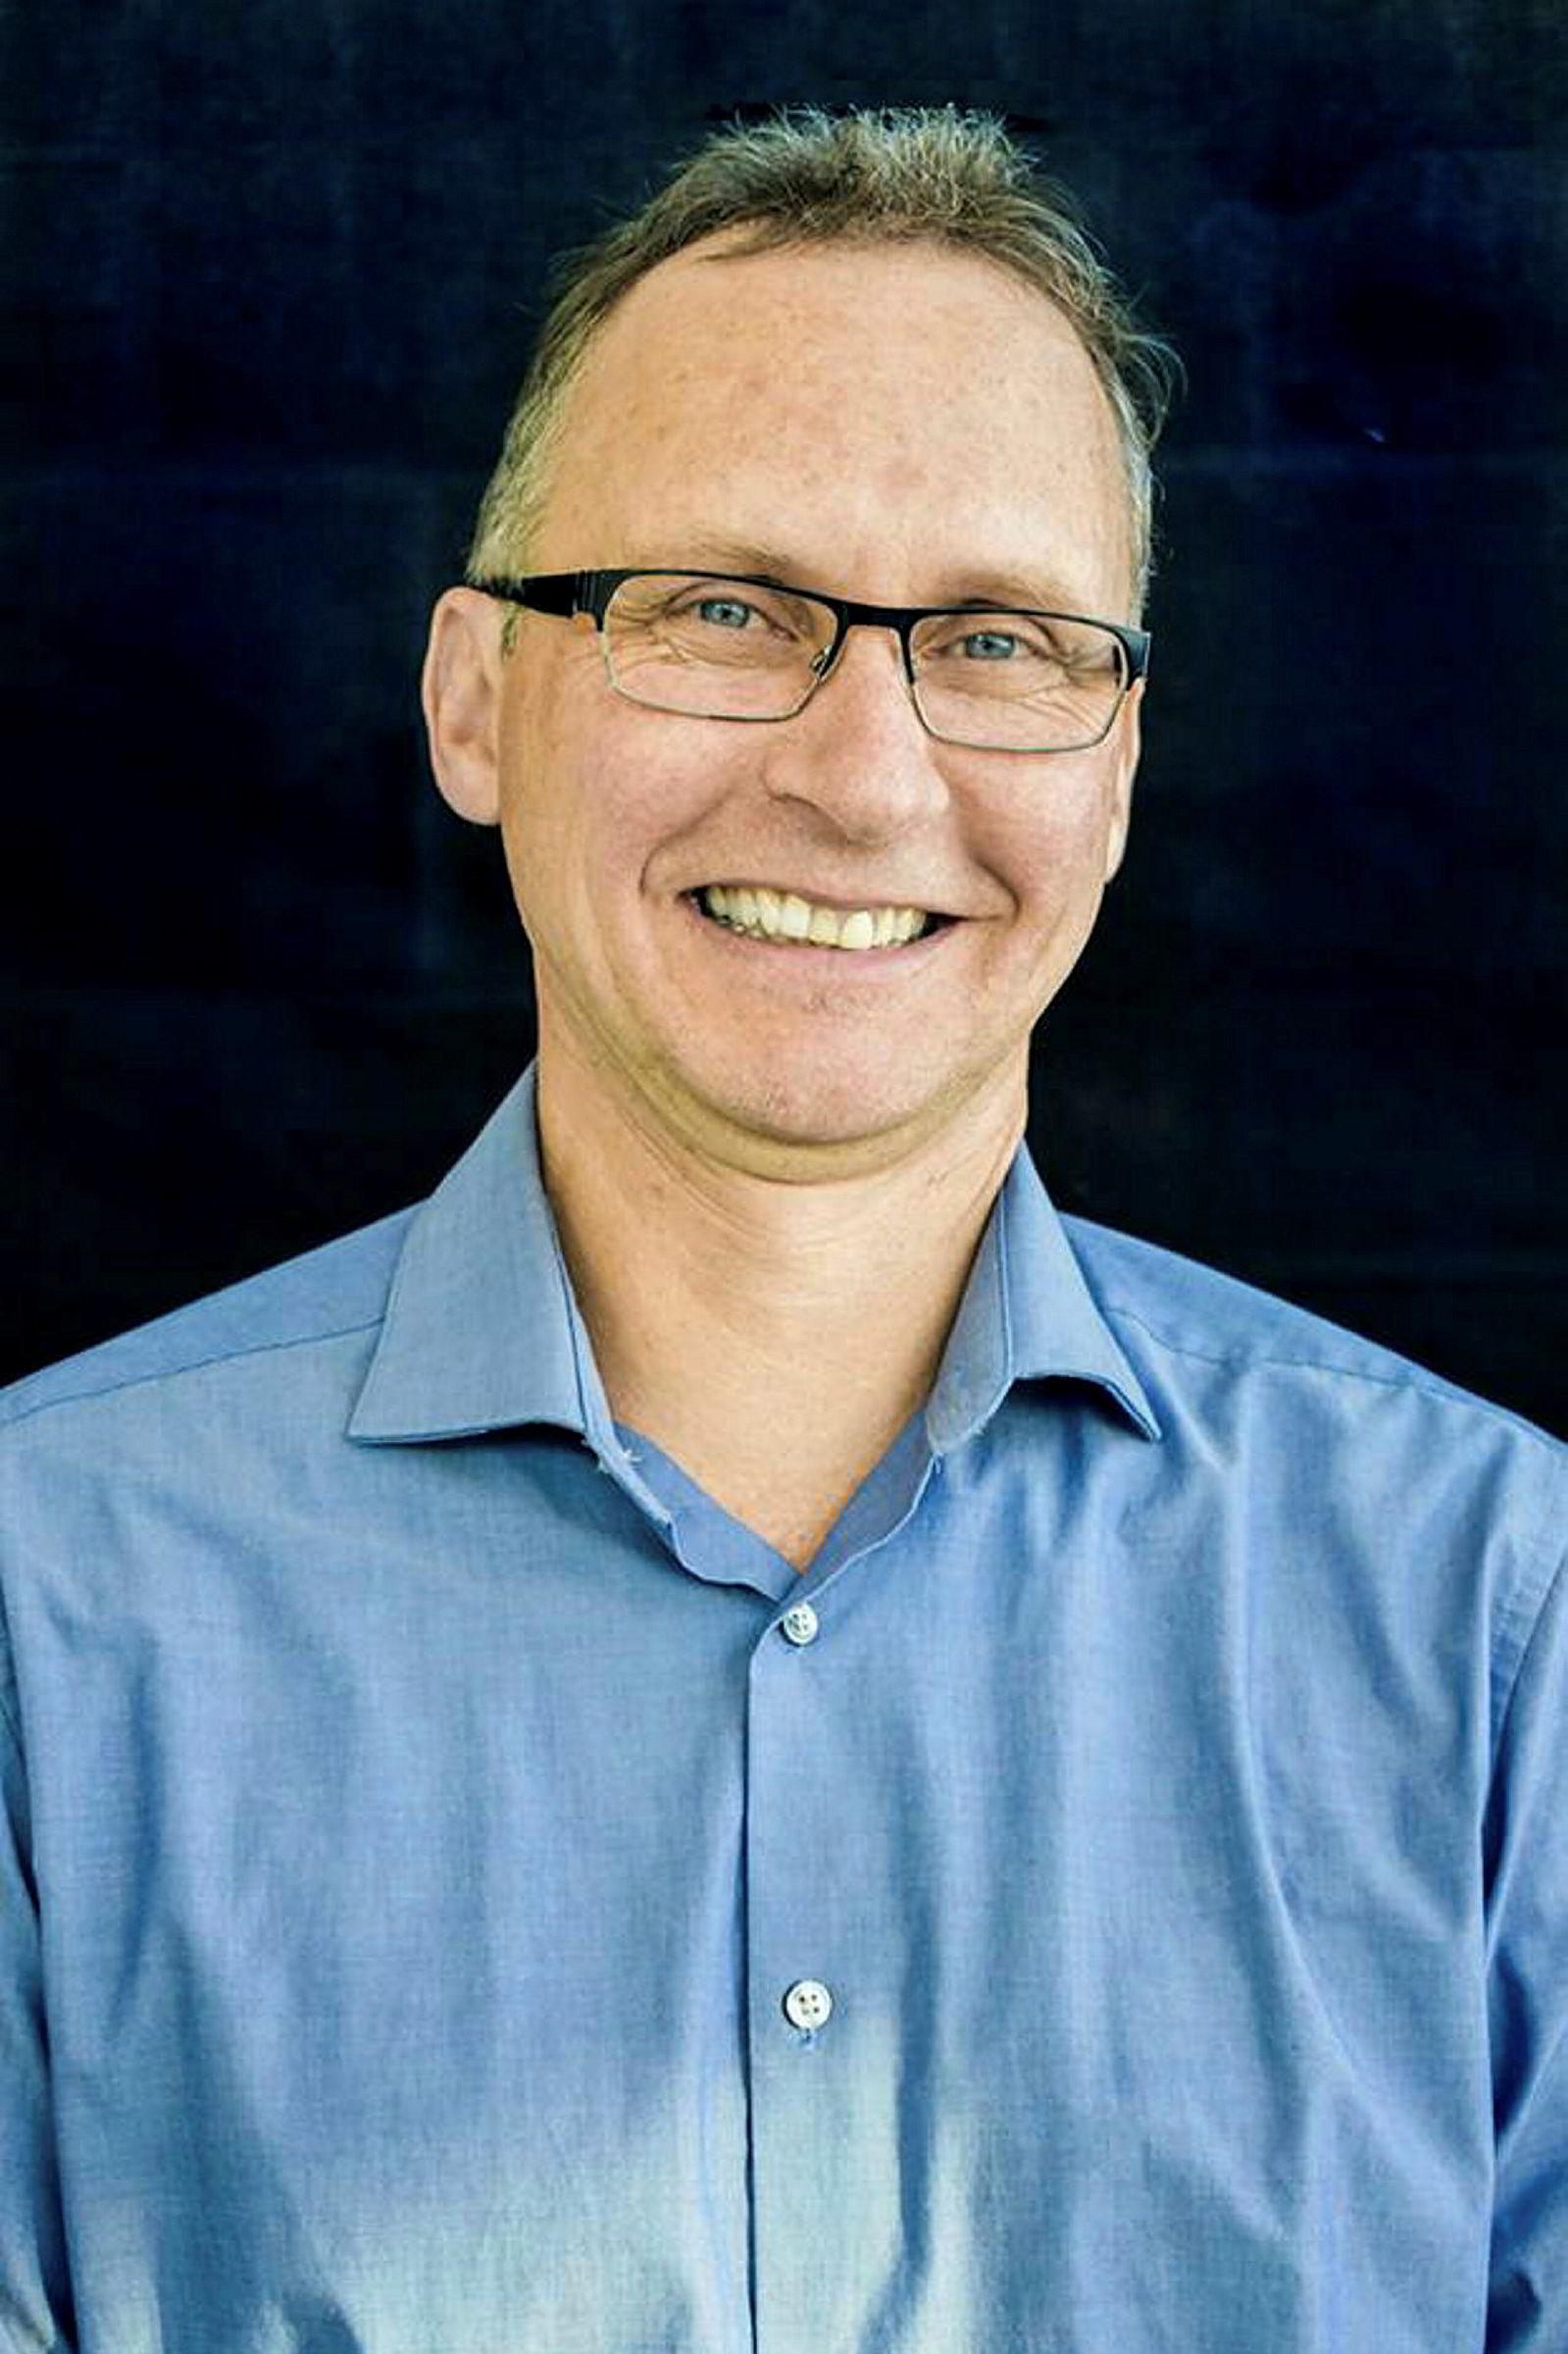 – Det er ikke slik at jo tidligere man starter i organisert idrett, jo bedre blir man som voksen utøver, understreker Jean Côté, professor ved Queens University i Canada.